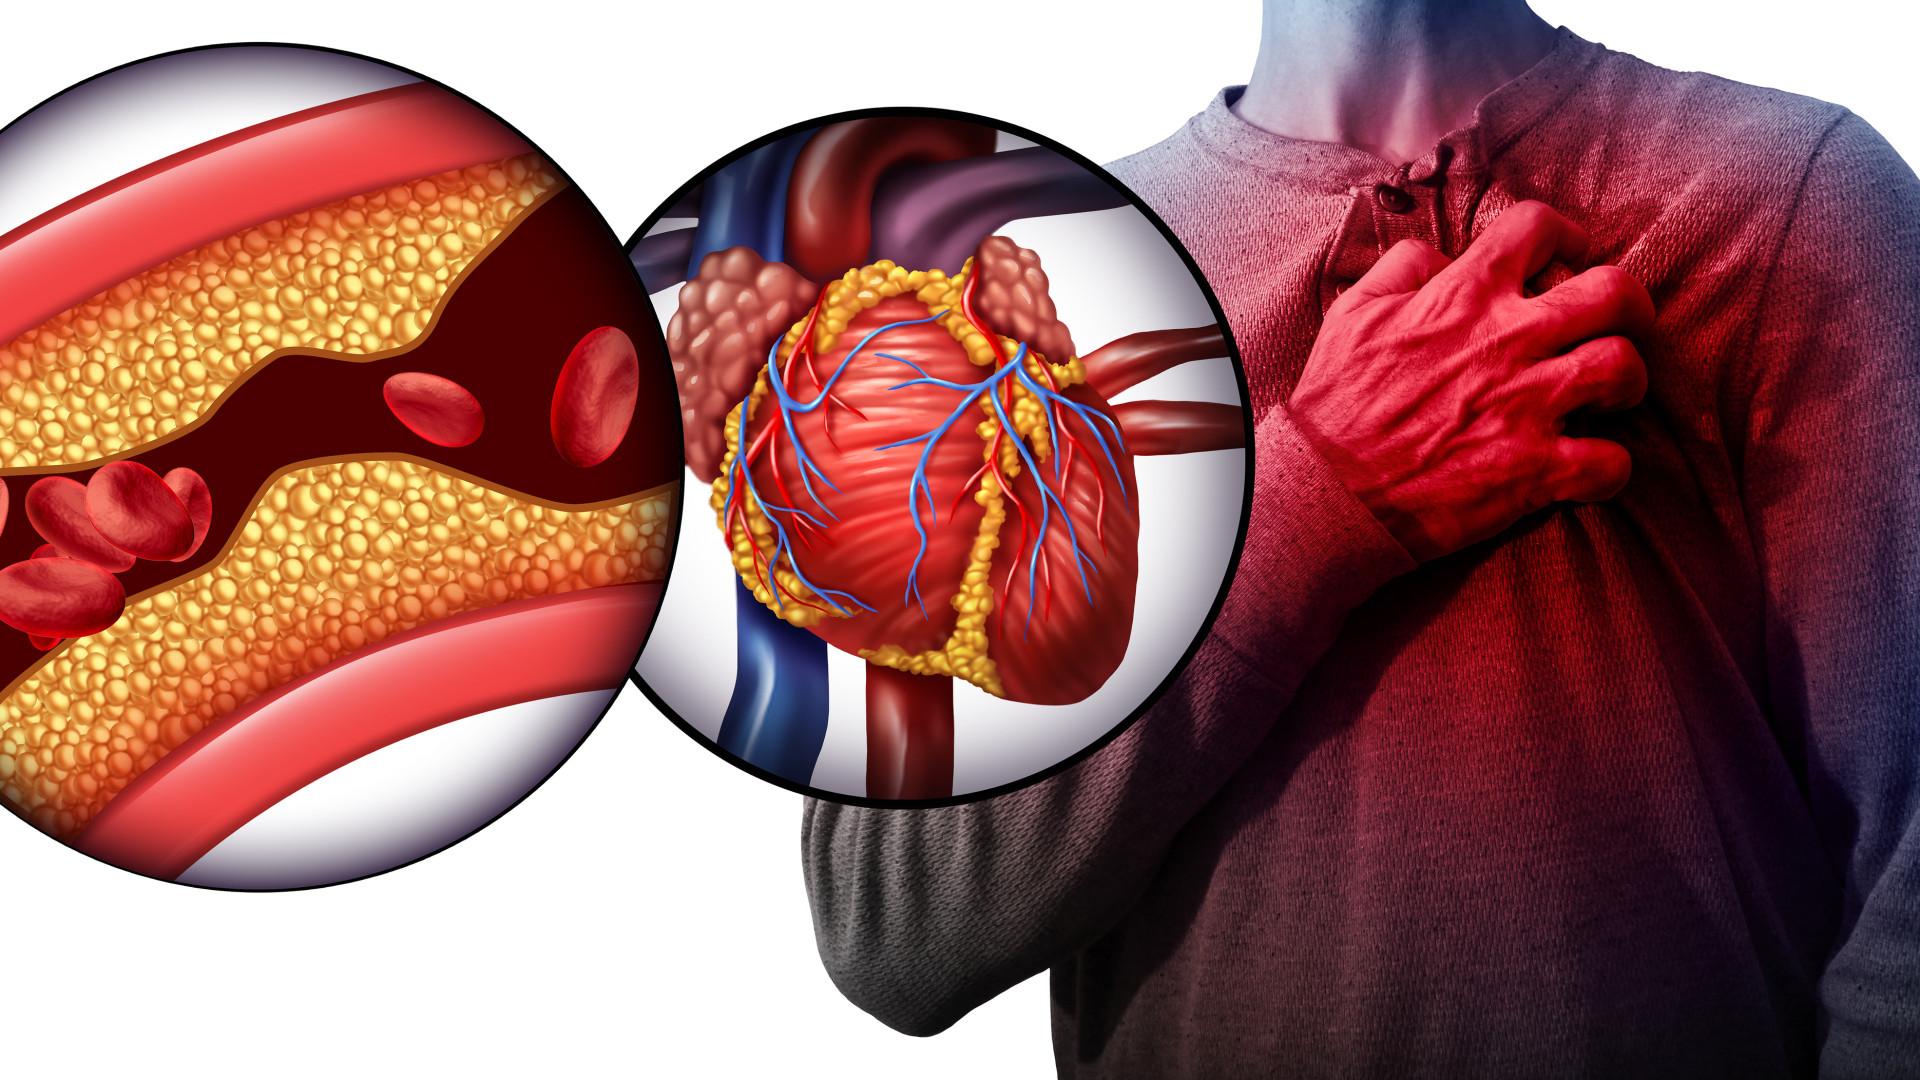 Estes são os níveis ideais e de alto risco de colesterol